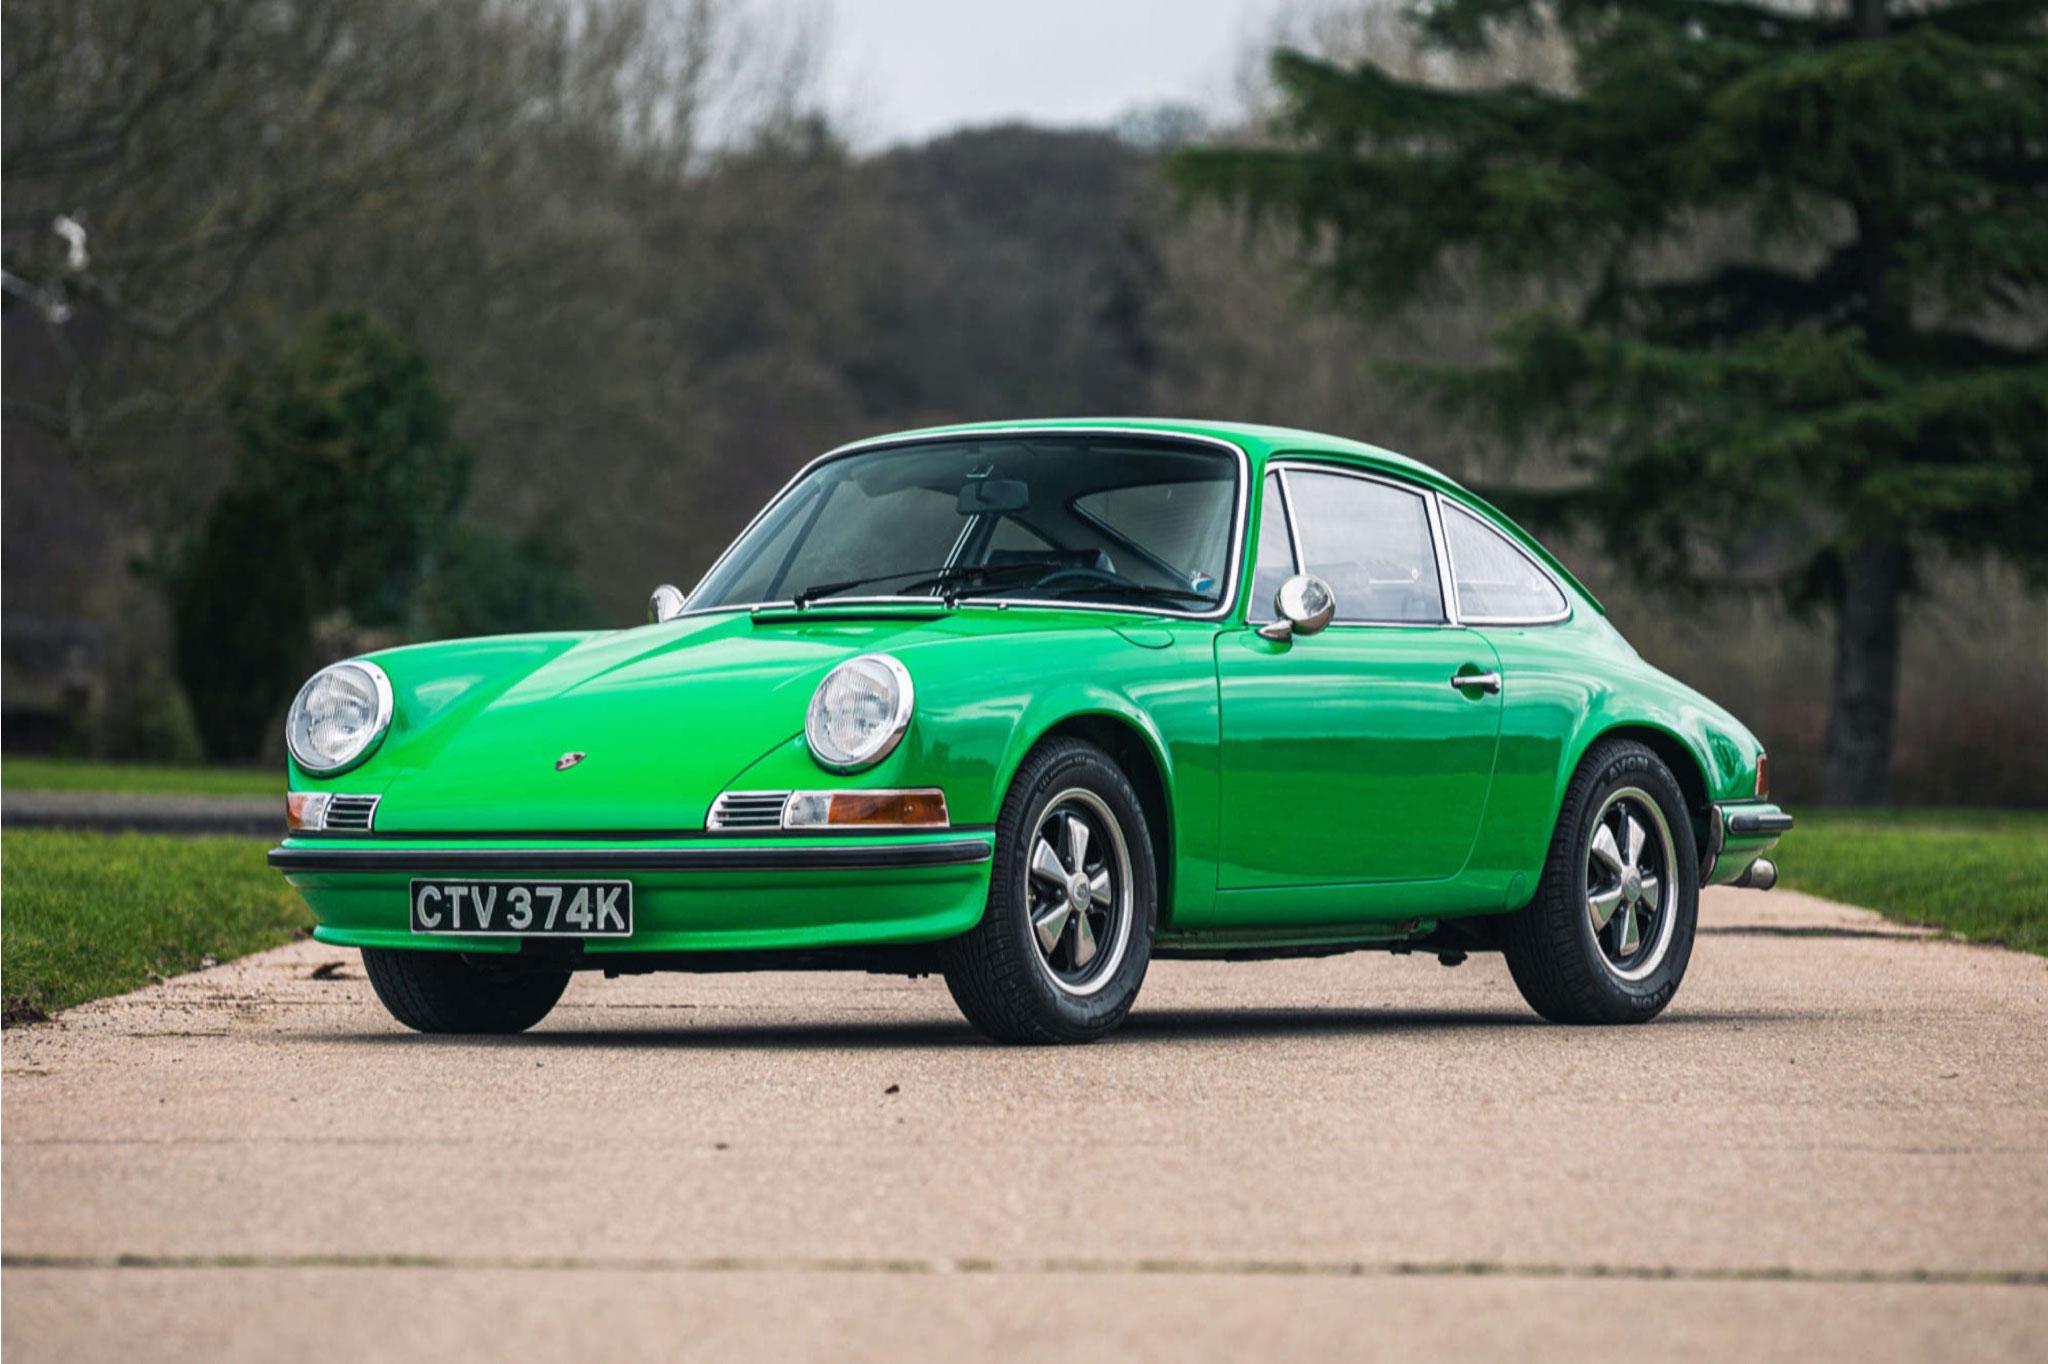 1972 Porsche 911 2.4S - £144,000 - acheteur suisse - Silverstone Auction mars 2021.